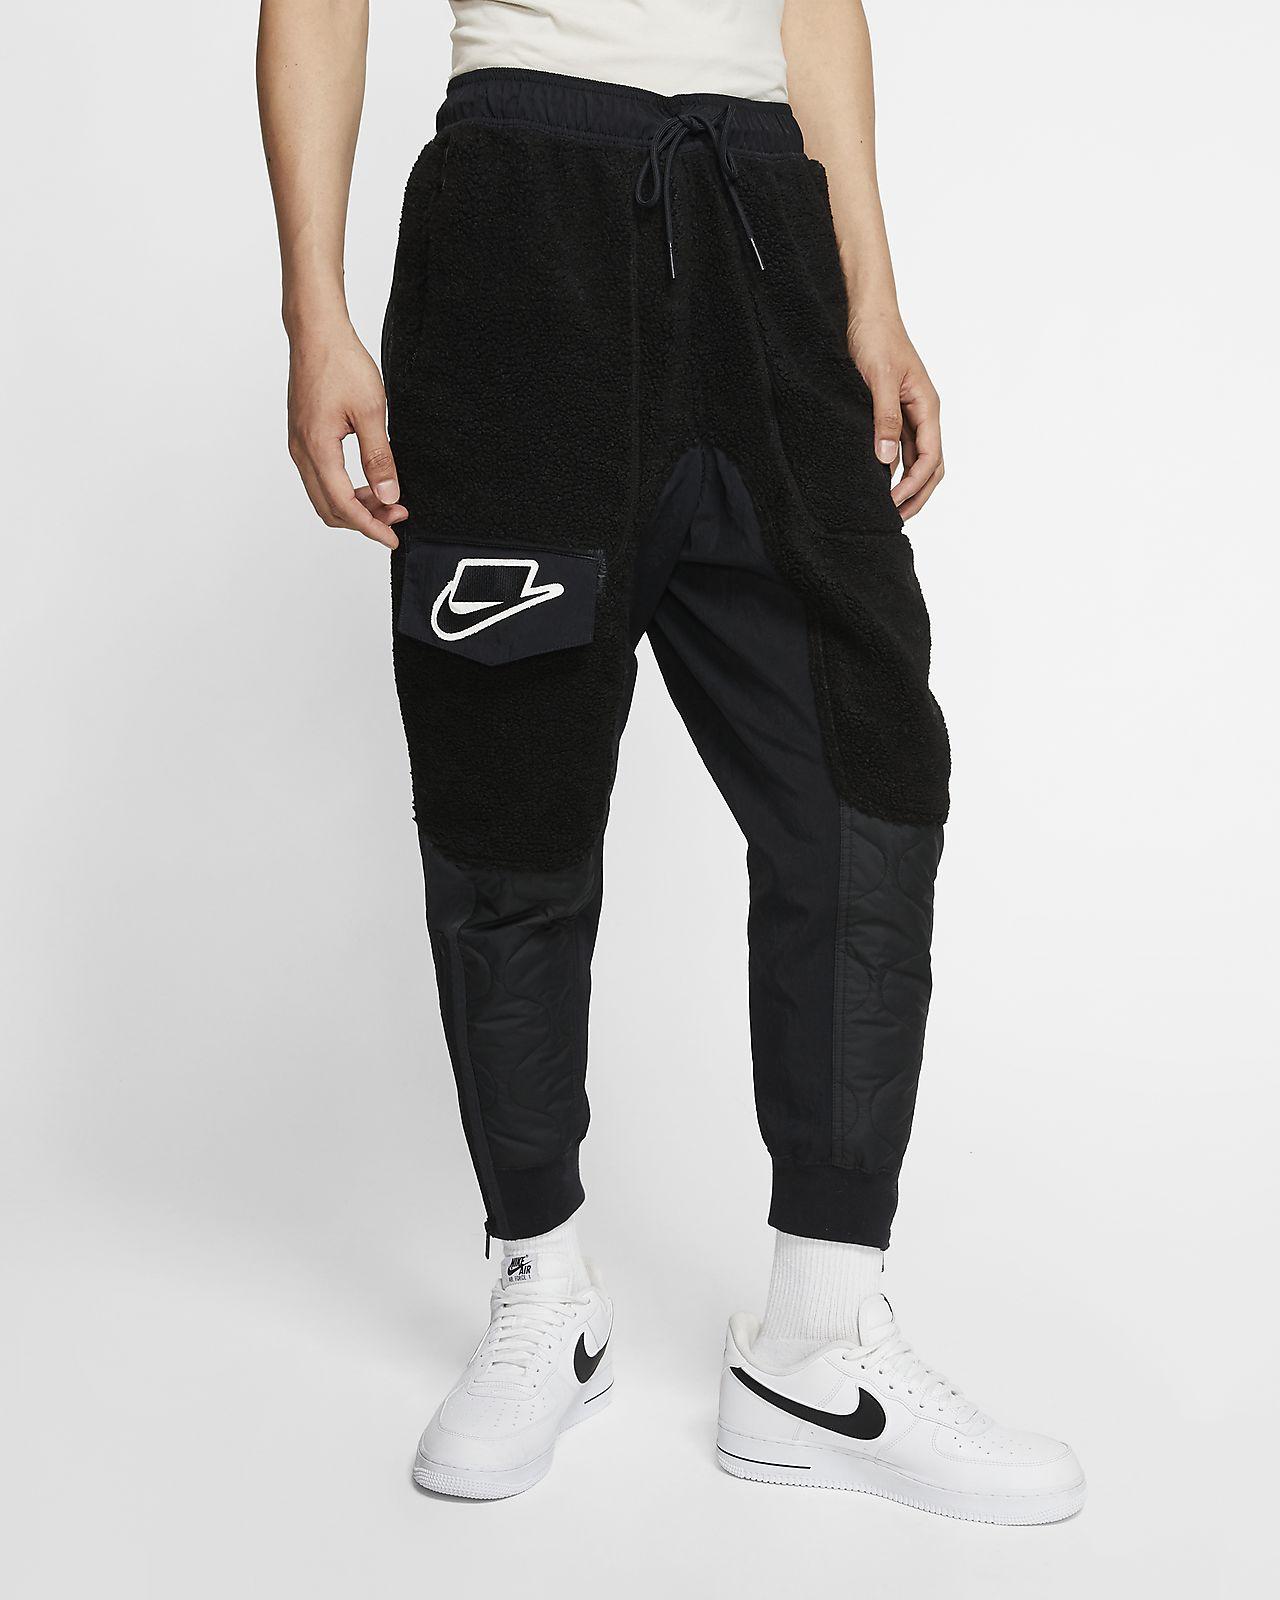 Pánské běžecké kalhoty Nike Sportswear NSW